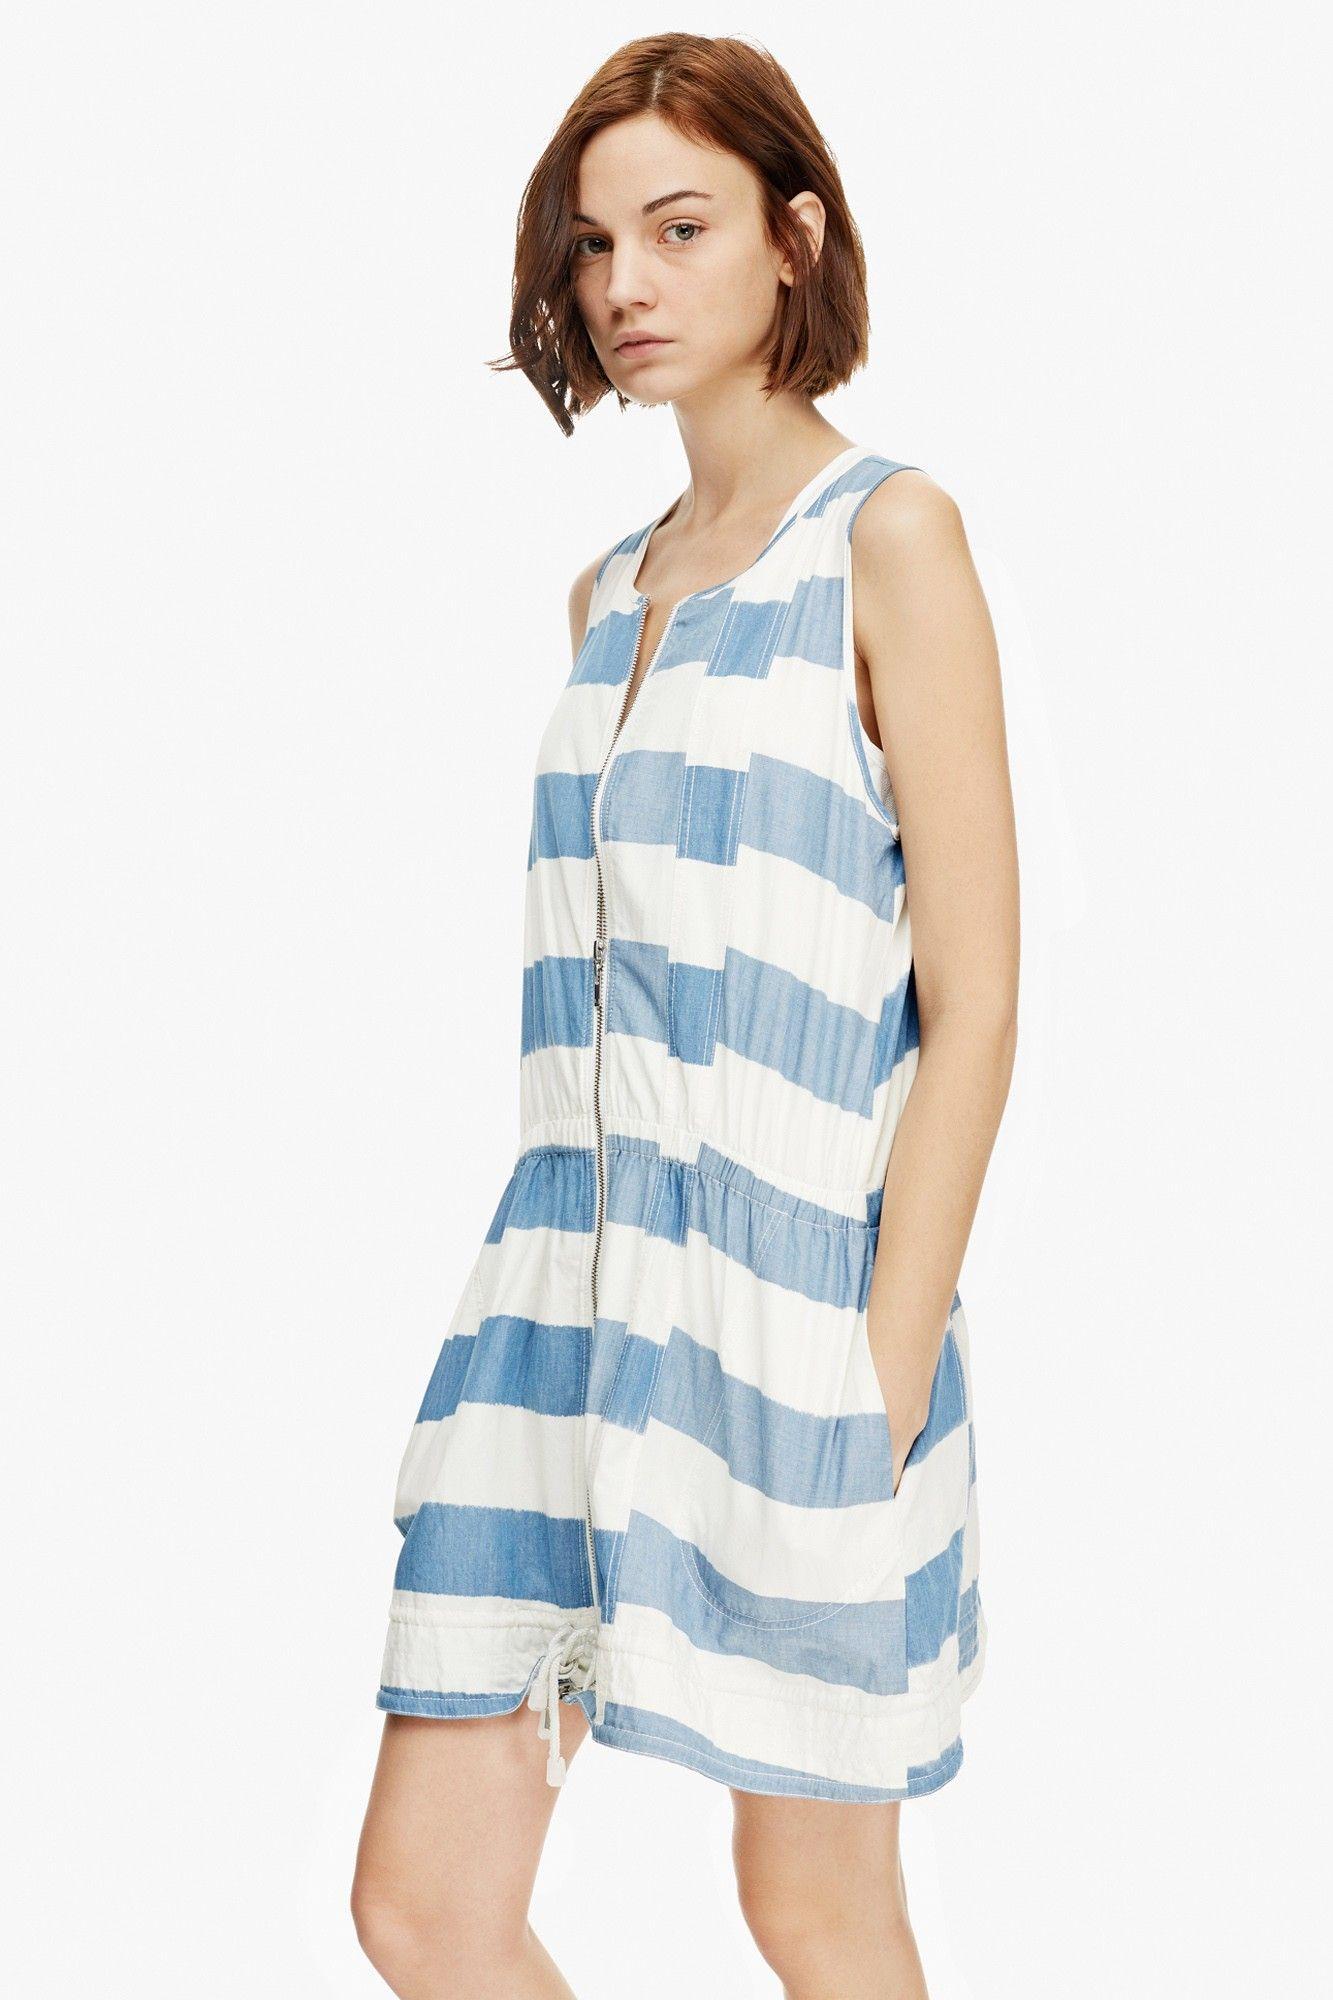 Vestido sport a base de franjas bicolor jard n de las for Vestidos adolfo dominguez outlet online